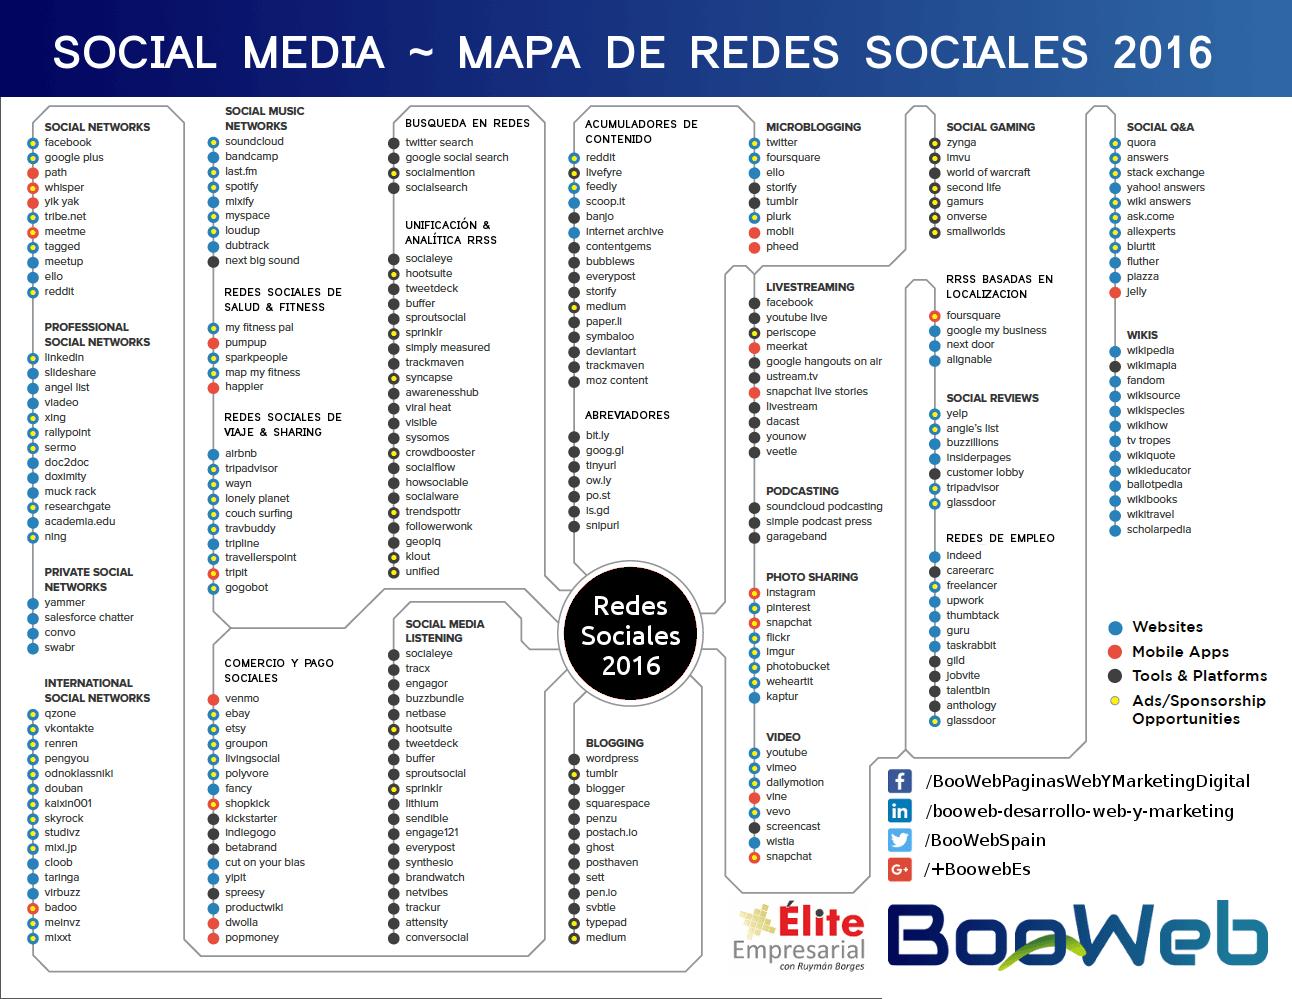 Mapa Redes Sociales 2016